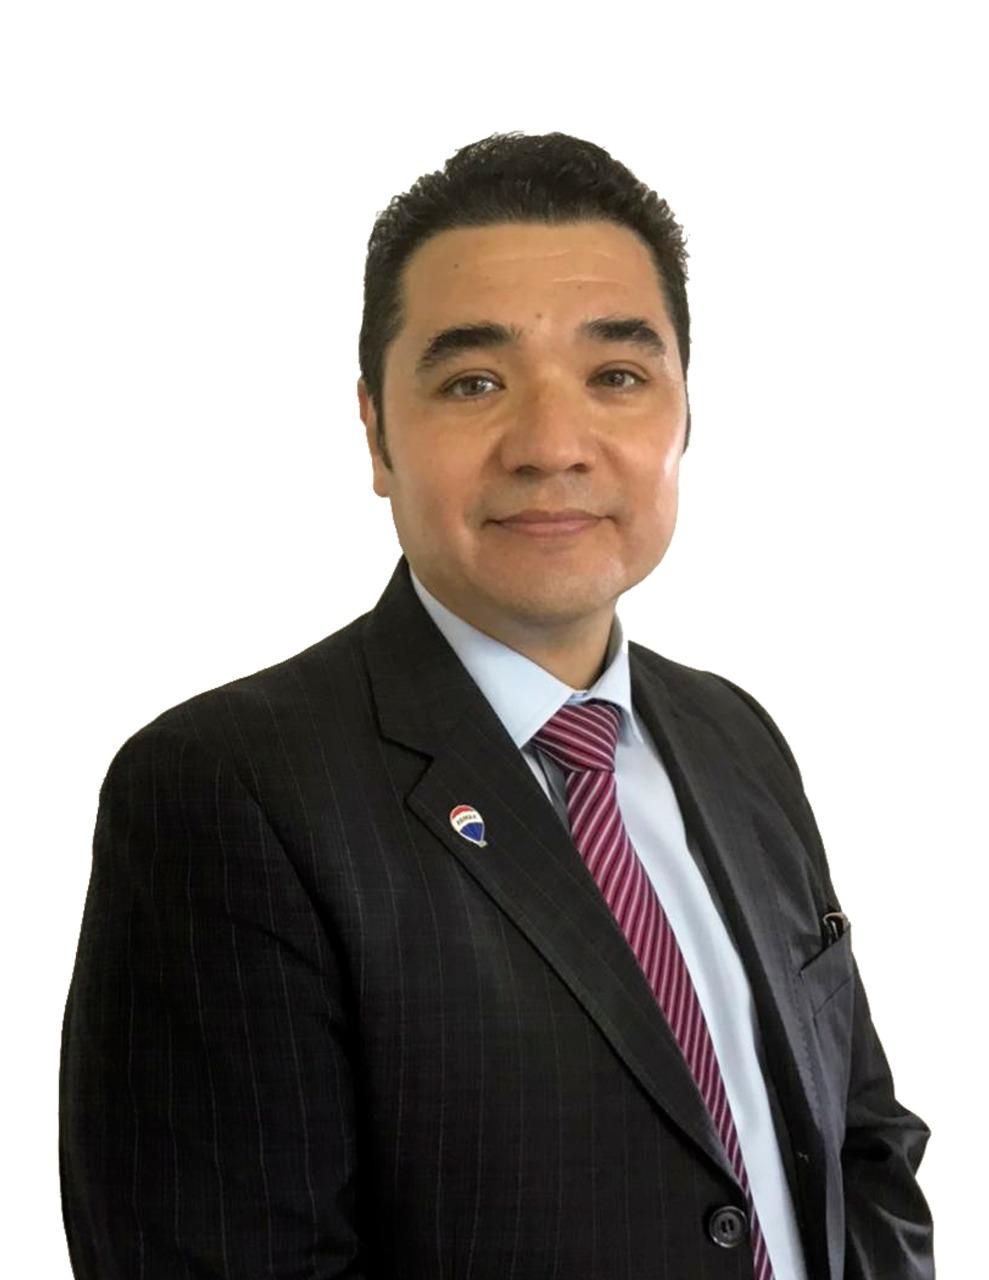 Iván López Gómez